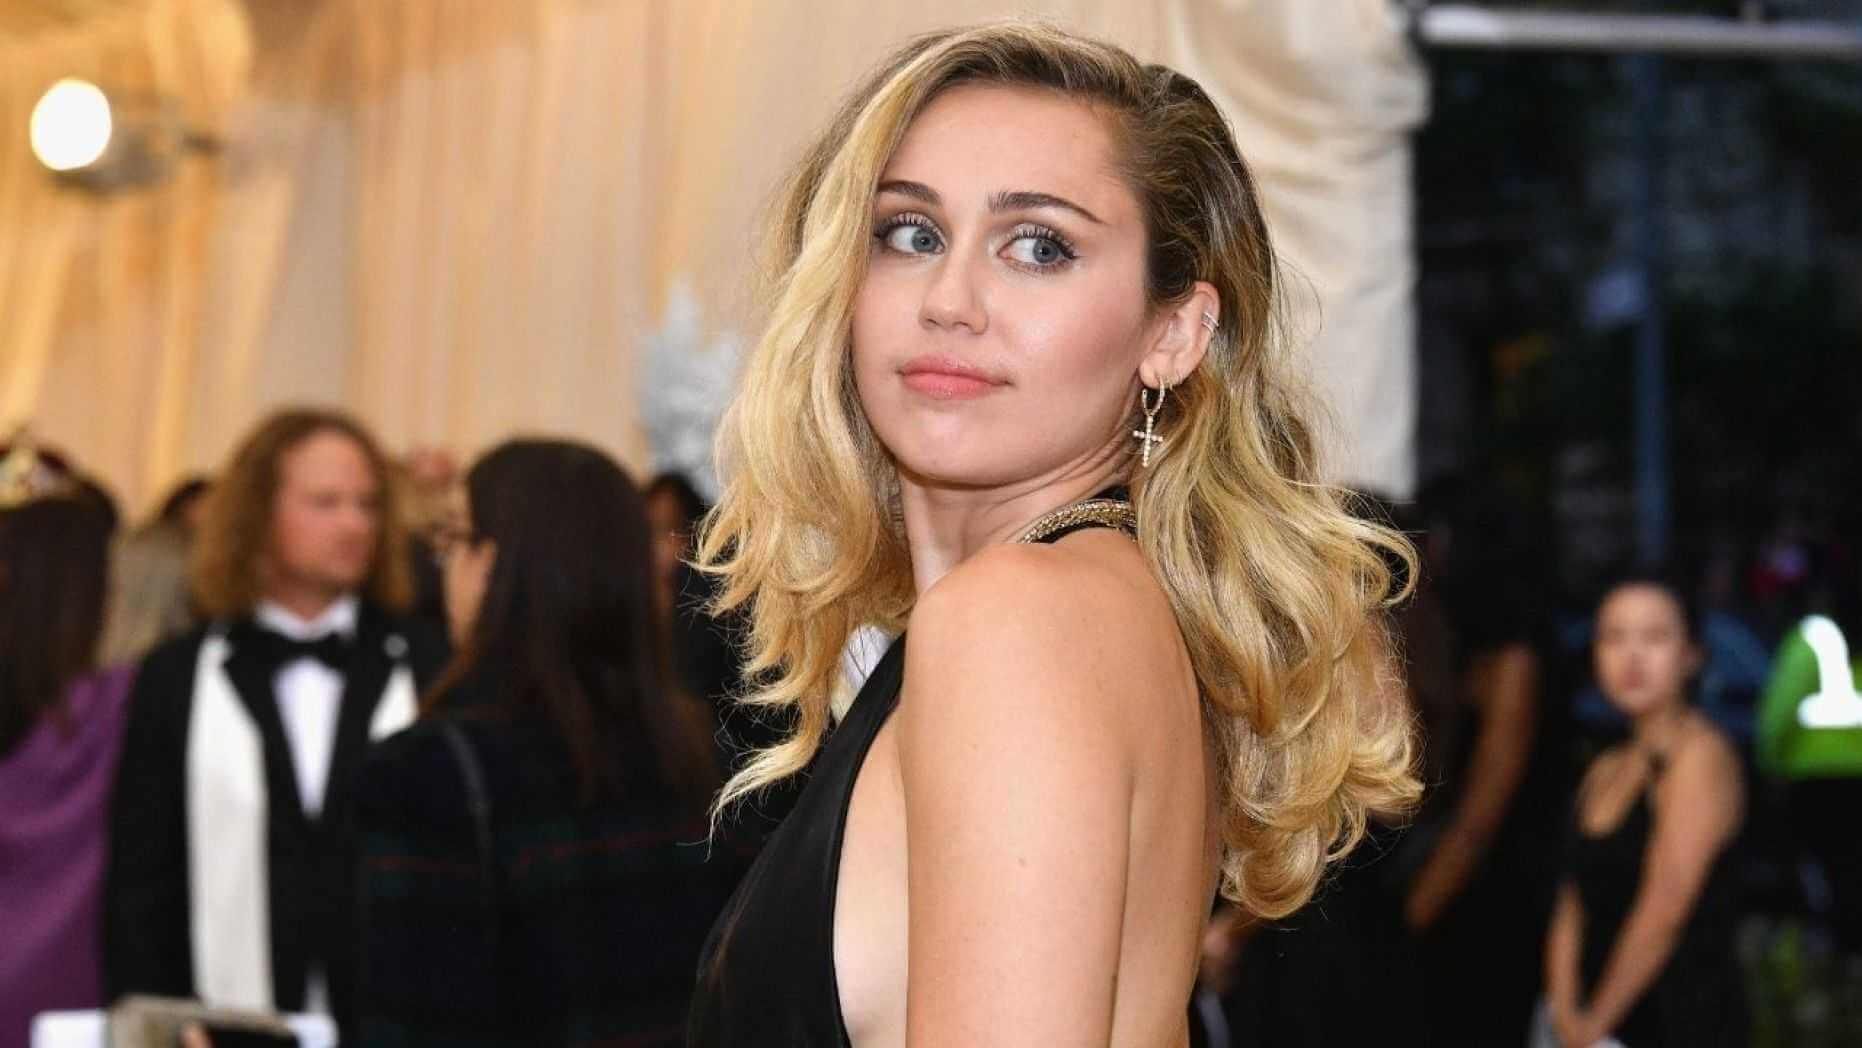 American Singer, Miley Cyrus Confirms 'Black Mirror' Role